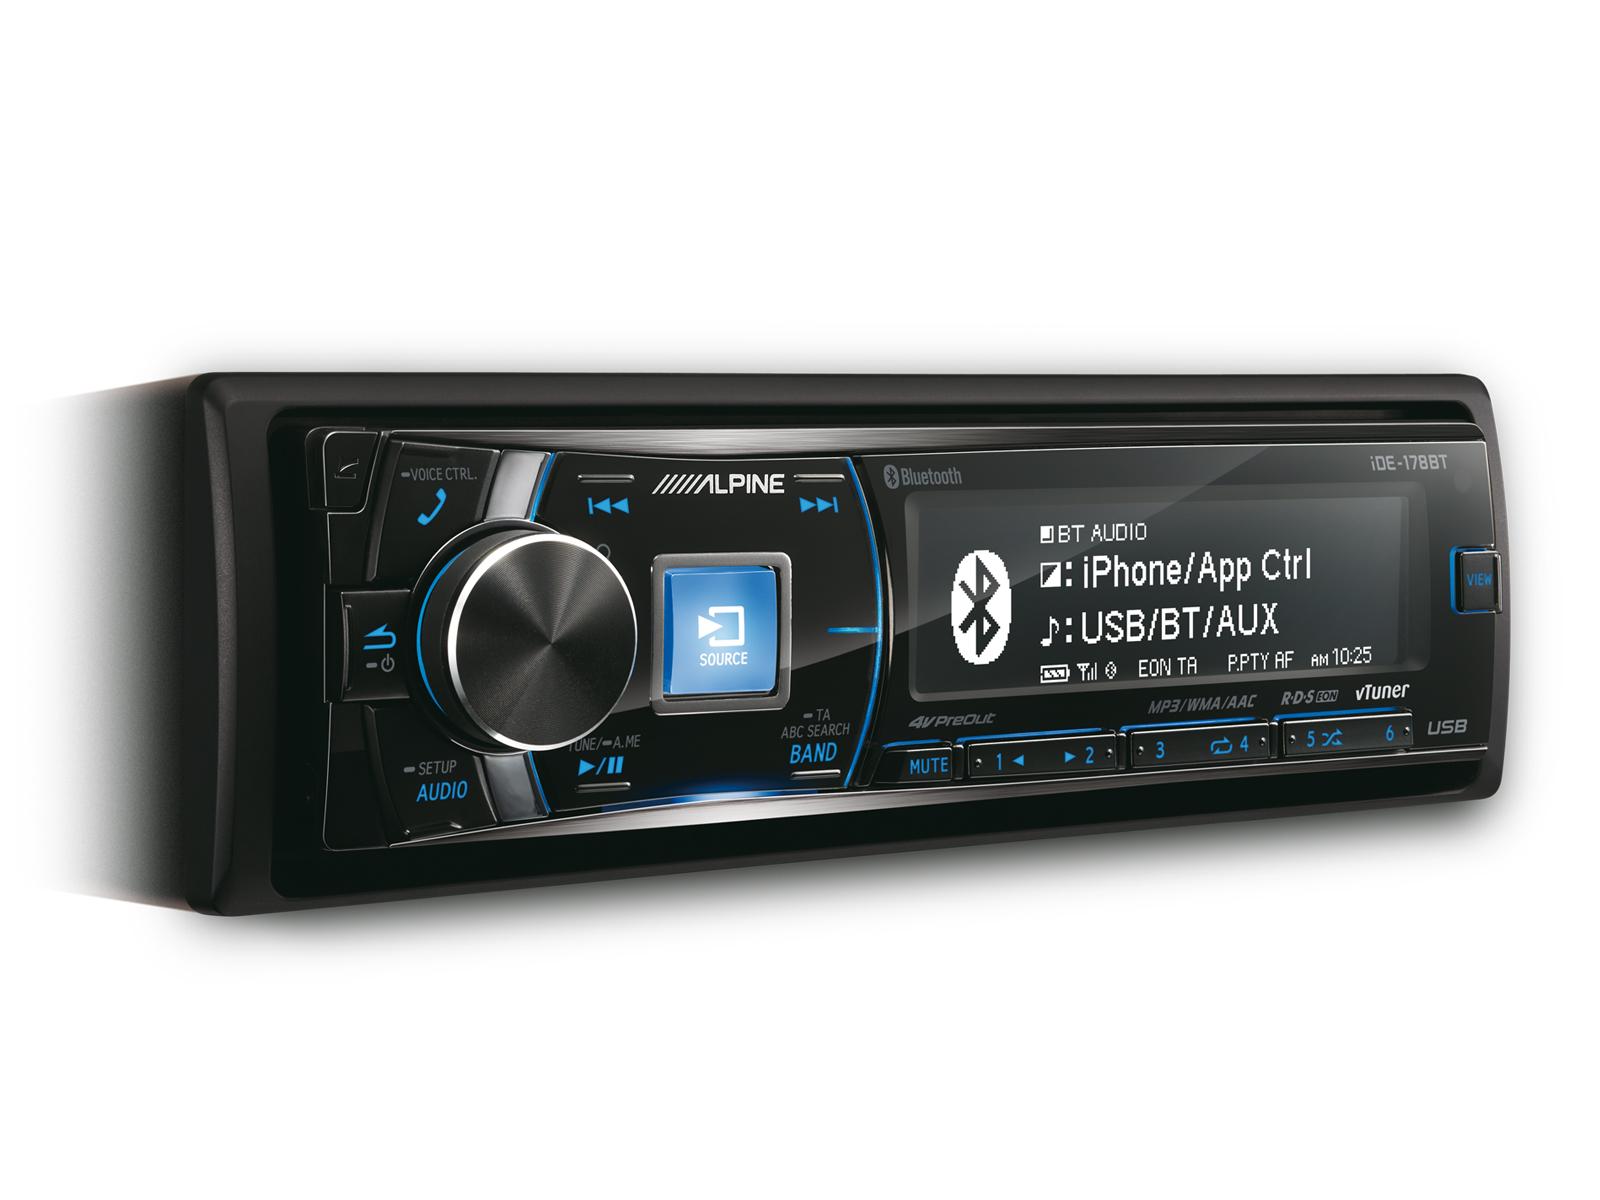 iDE-178BT - Цифровой медиа-ресивер с BLUETOOTH